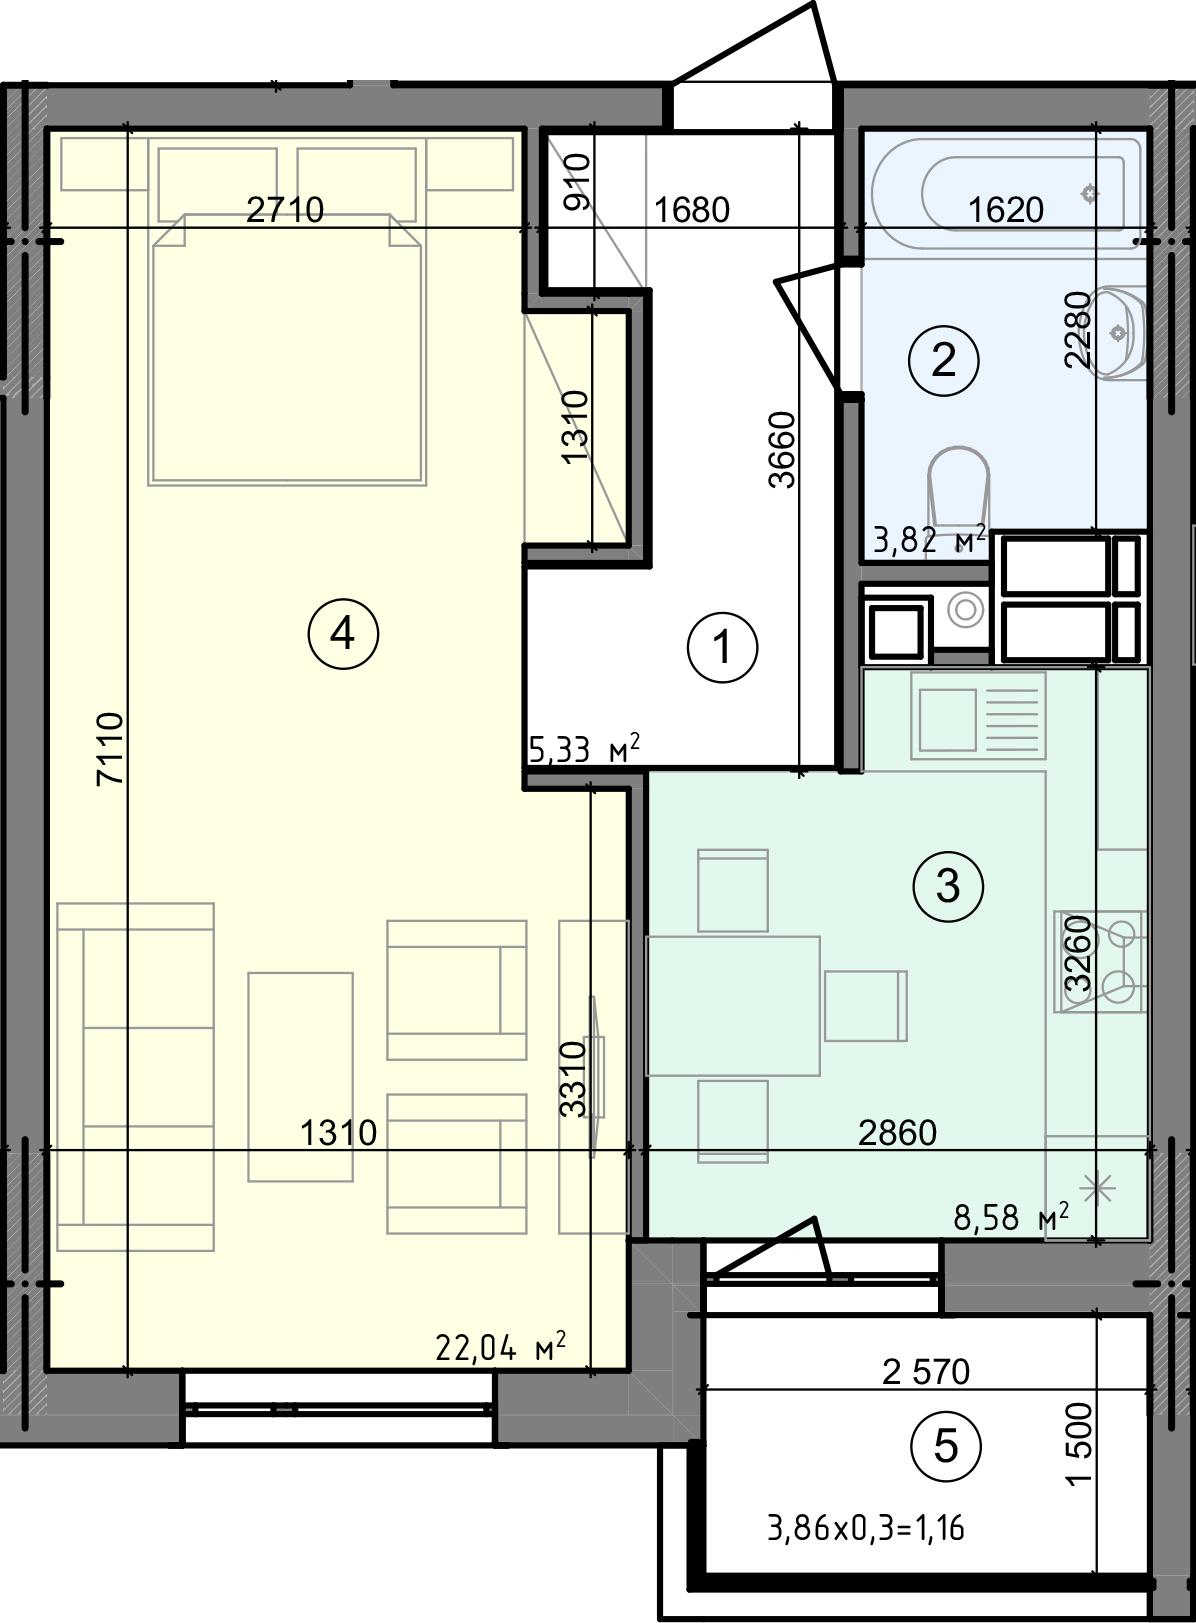 Купить Однокомнатная квартира 40,93 кв.м., тип 1.3, дом 3 секция 2 в Киеве Голосеевский район